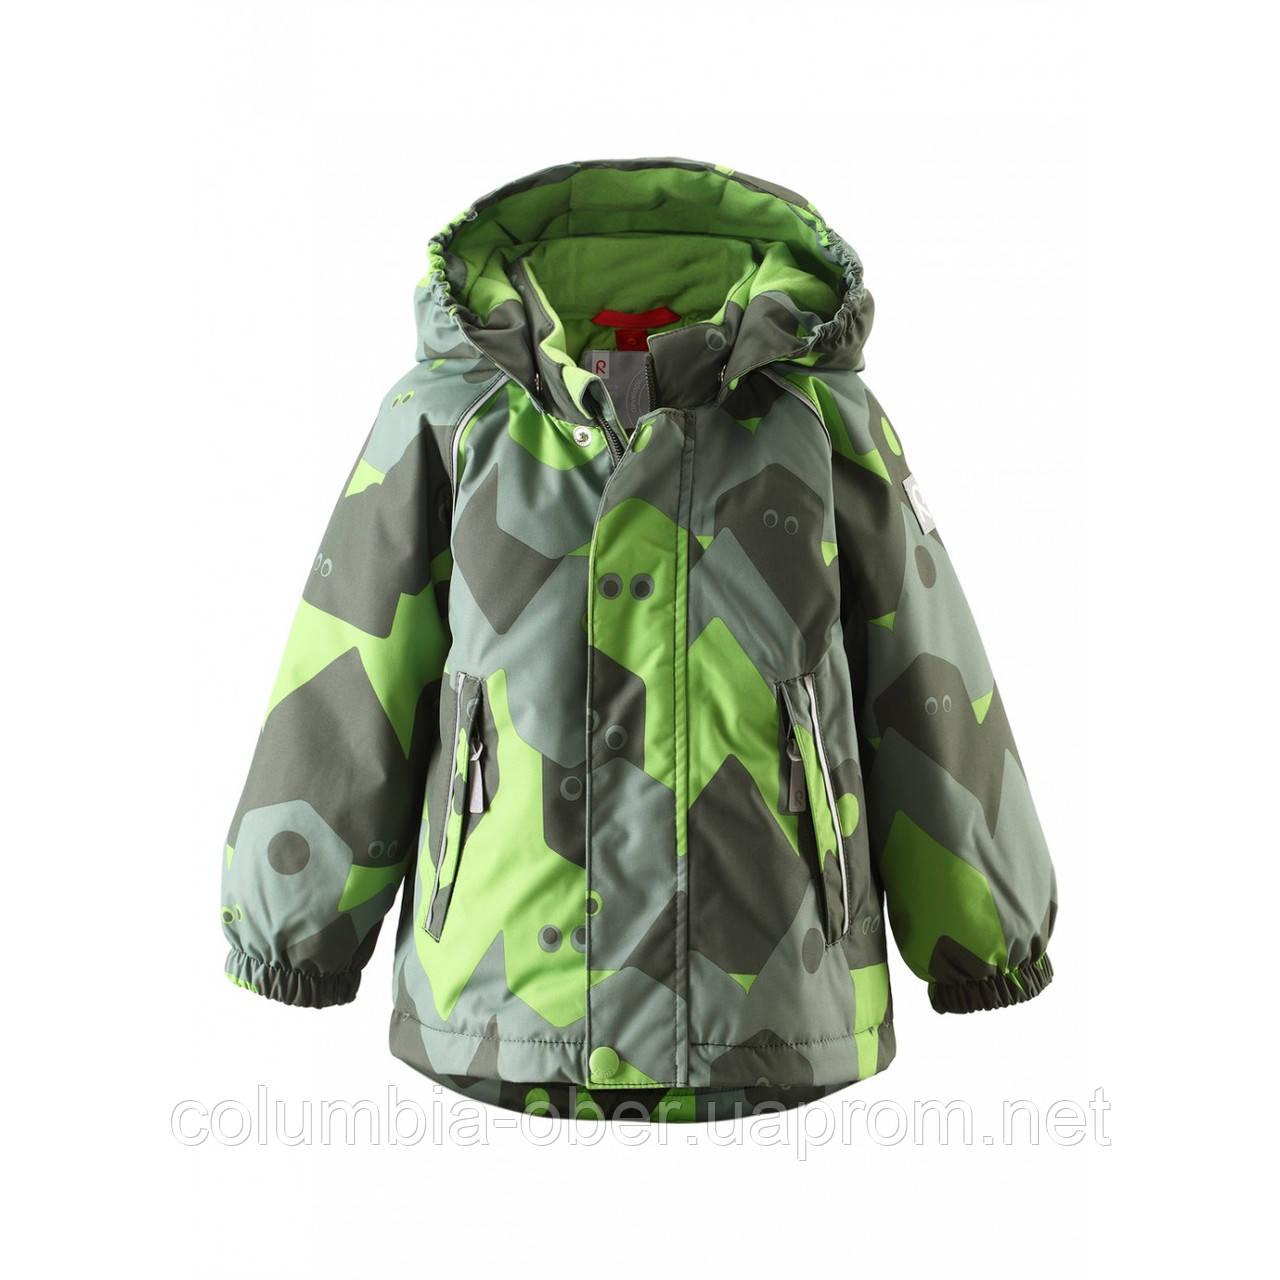 Зимняя куртка для мальчиков ReimaТес 511229C  - 8915. Размер 92.